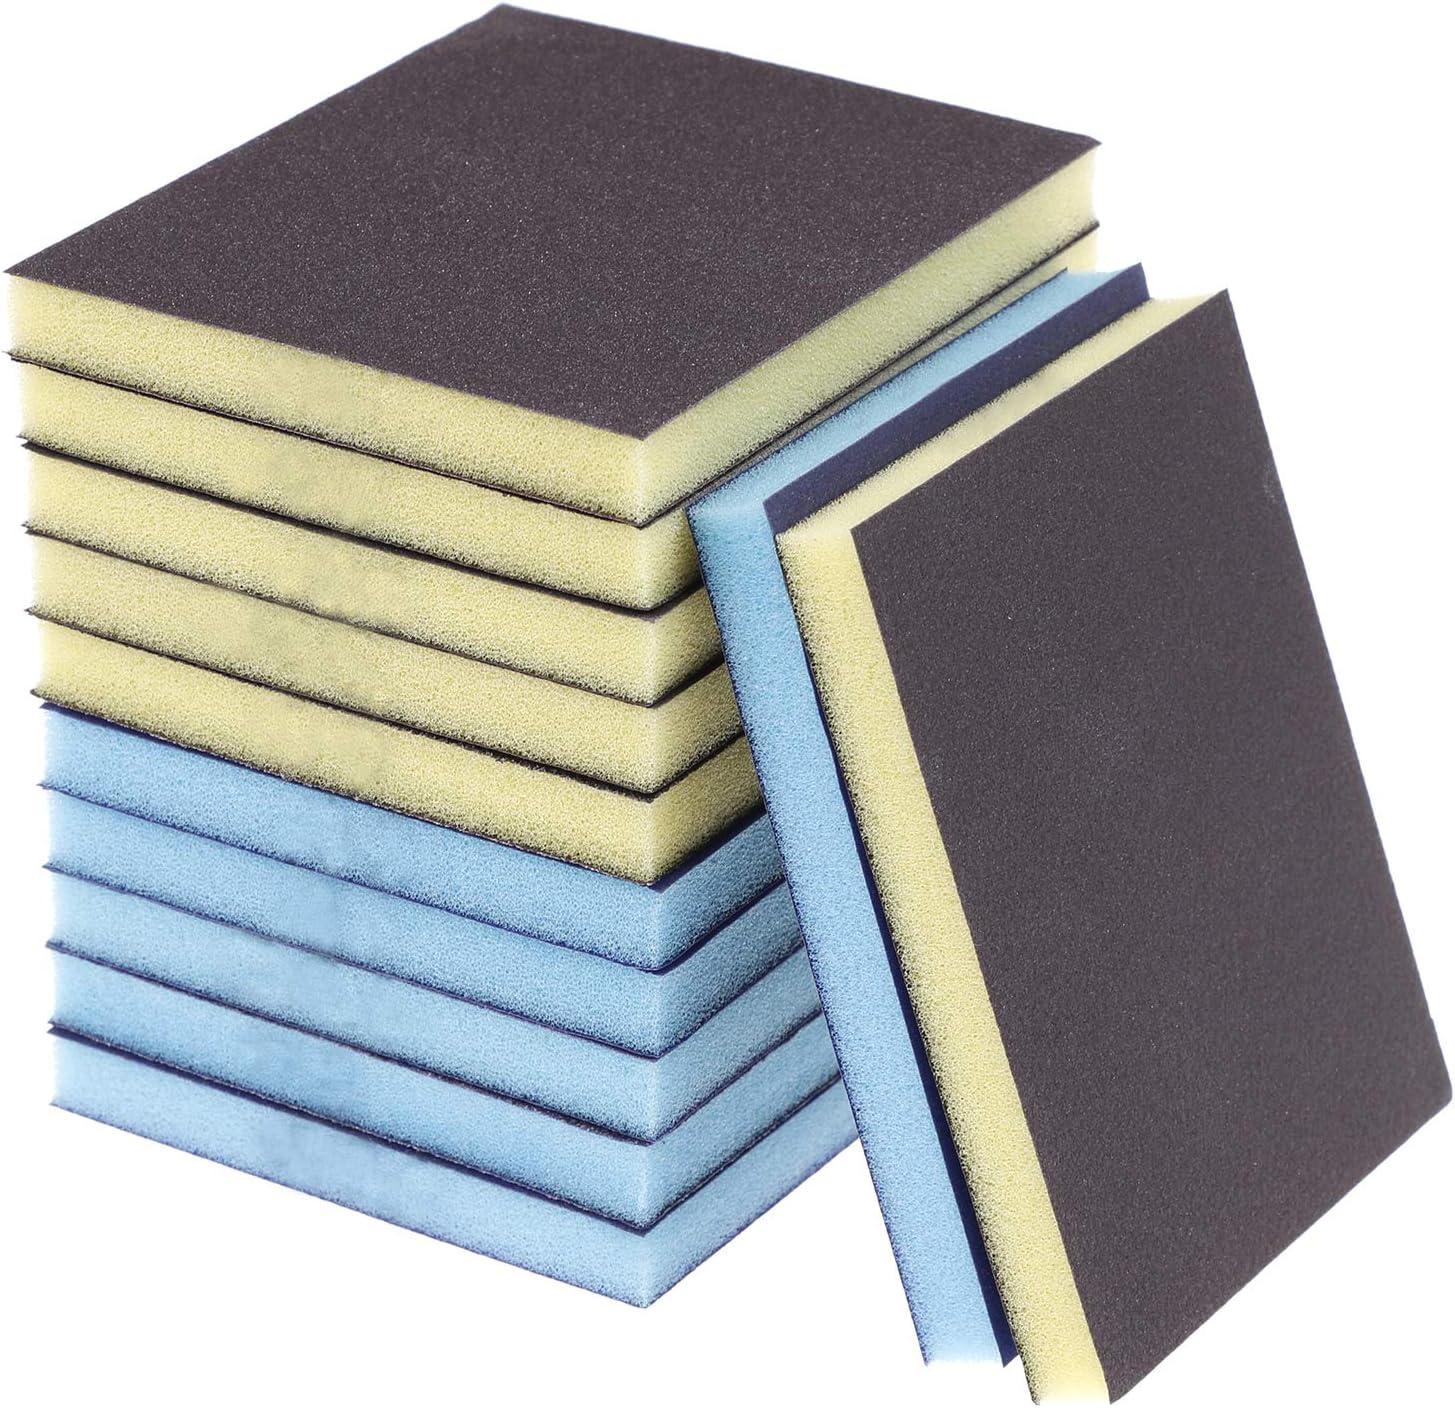 12 Pieces Sanding Sponge Sanding Blocks,Reusable and Washable Sand Sponge Kit, Grade 120 (2 Colors)